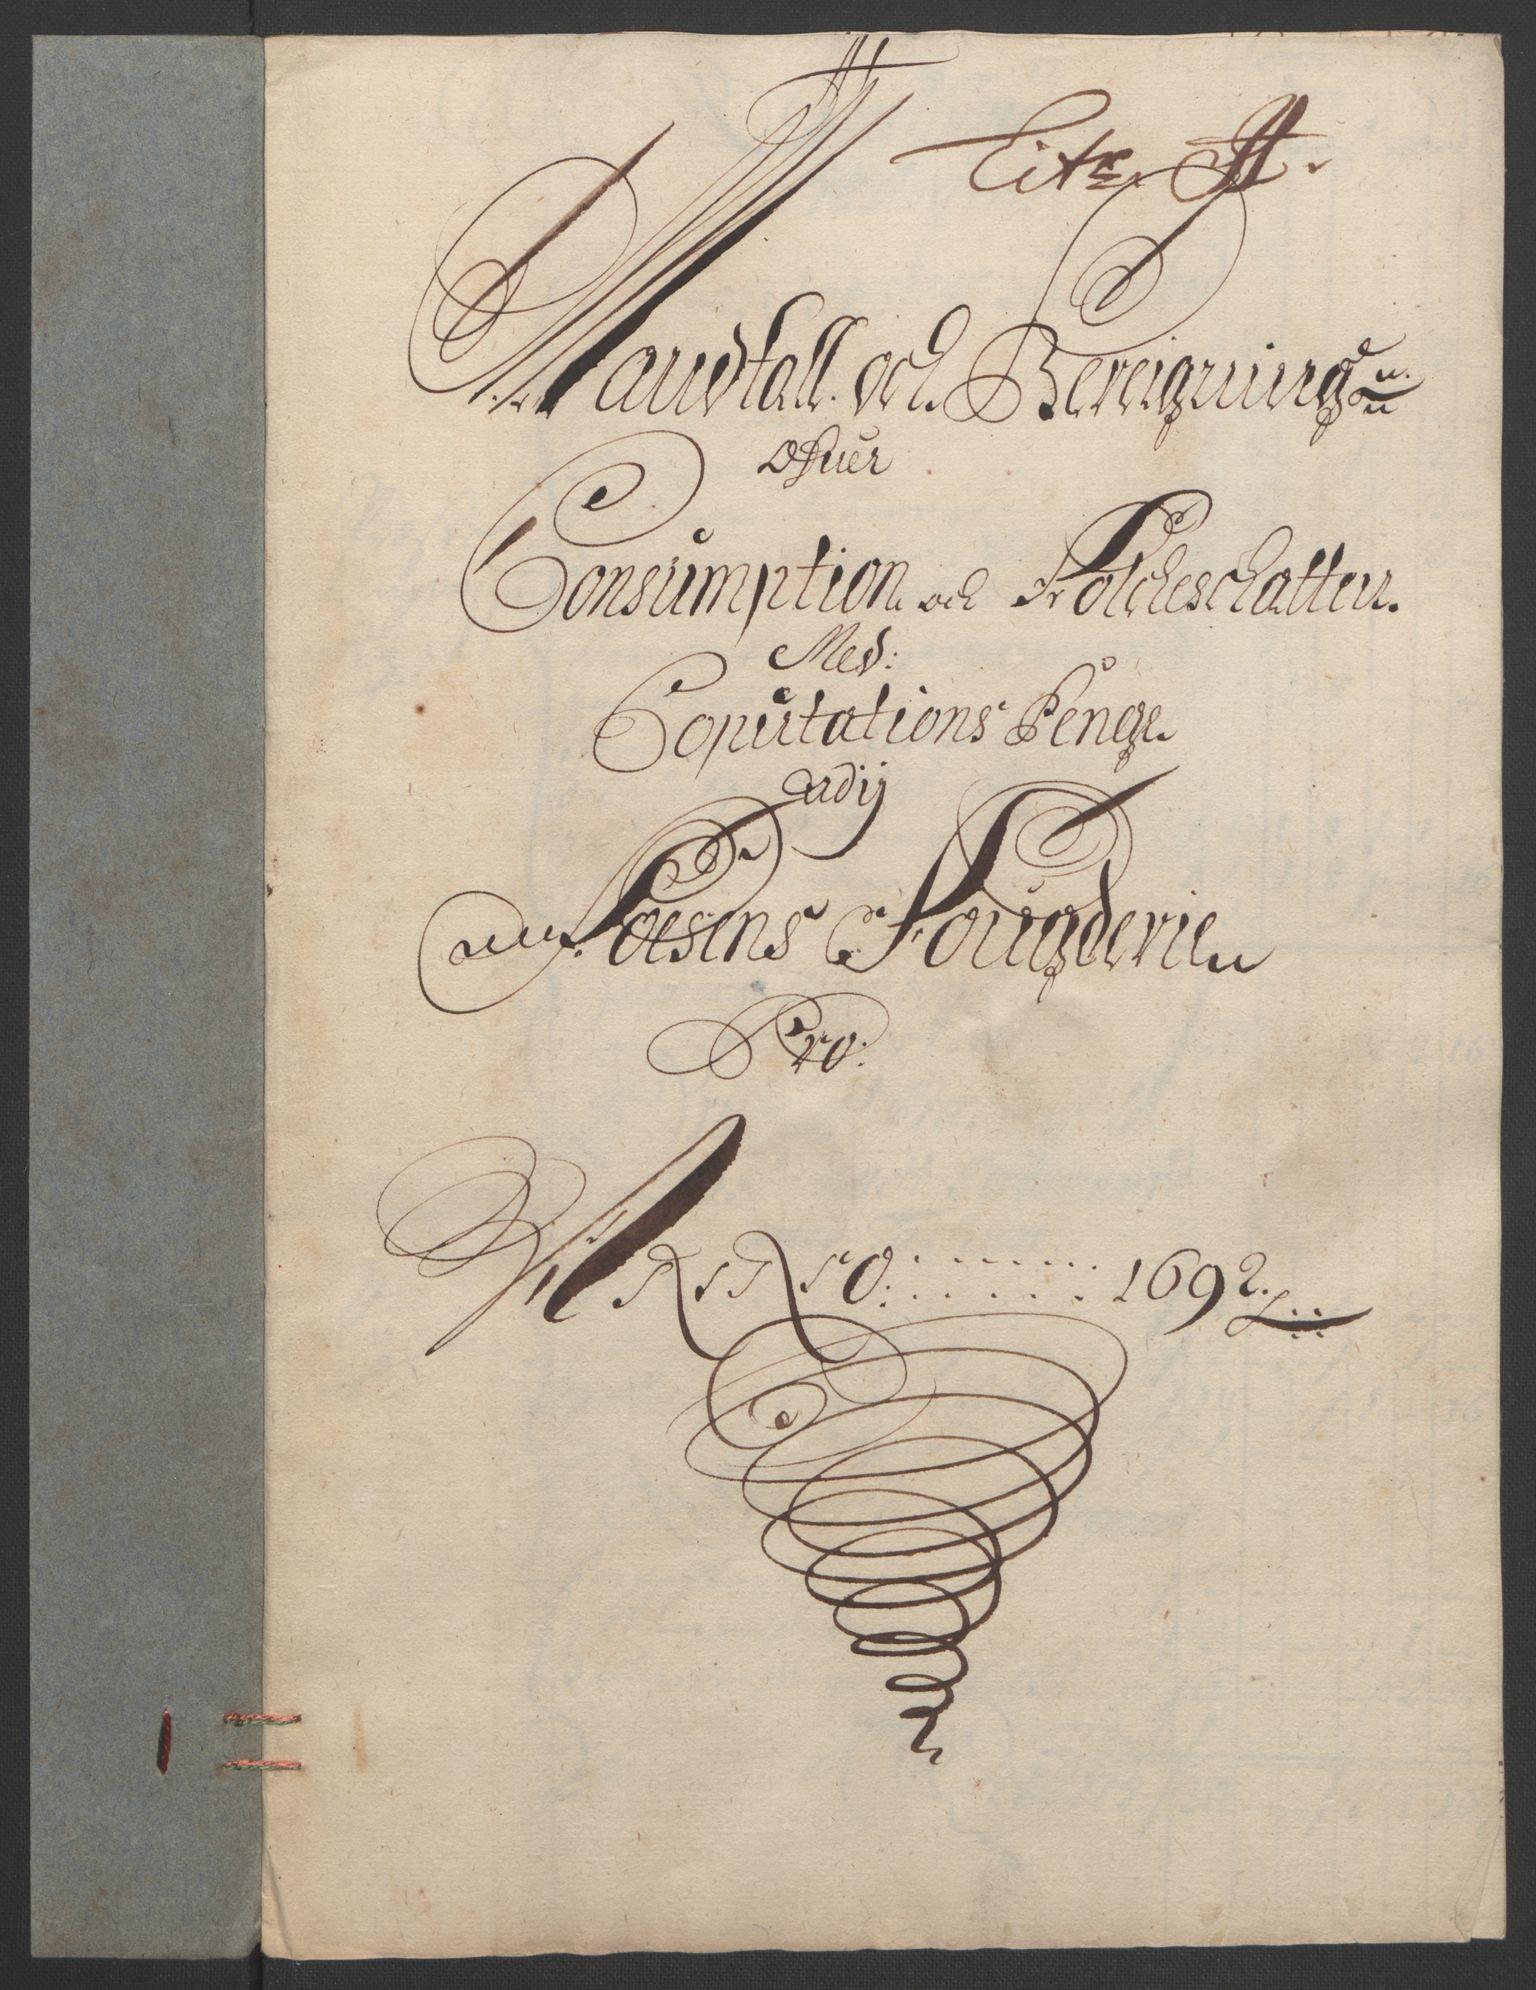 RA, Rentekammeret inntil 1814, Reviderte regnskaper, Fogderegnskap, R57/L3849: Fogderegnskap Fosen, 1692-1693, s. 127